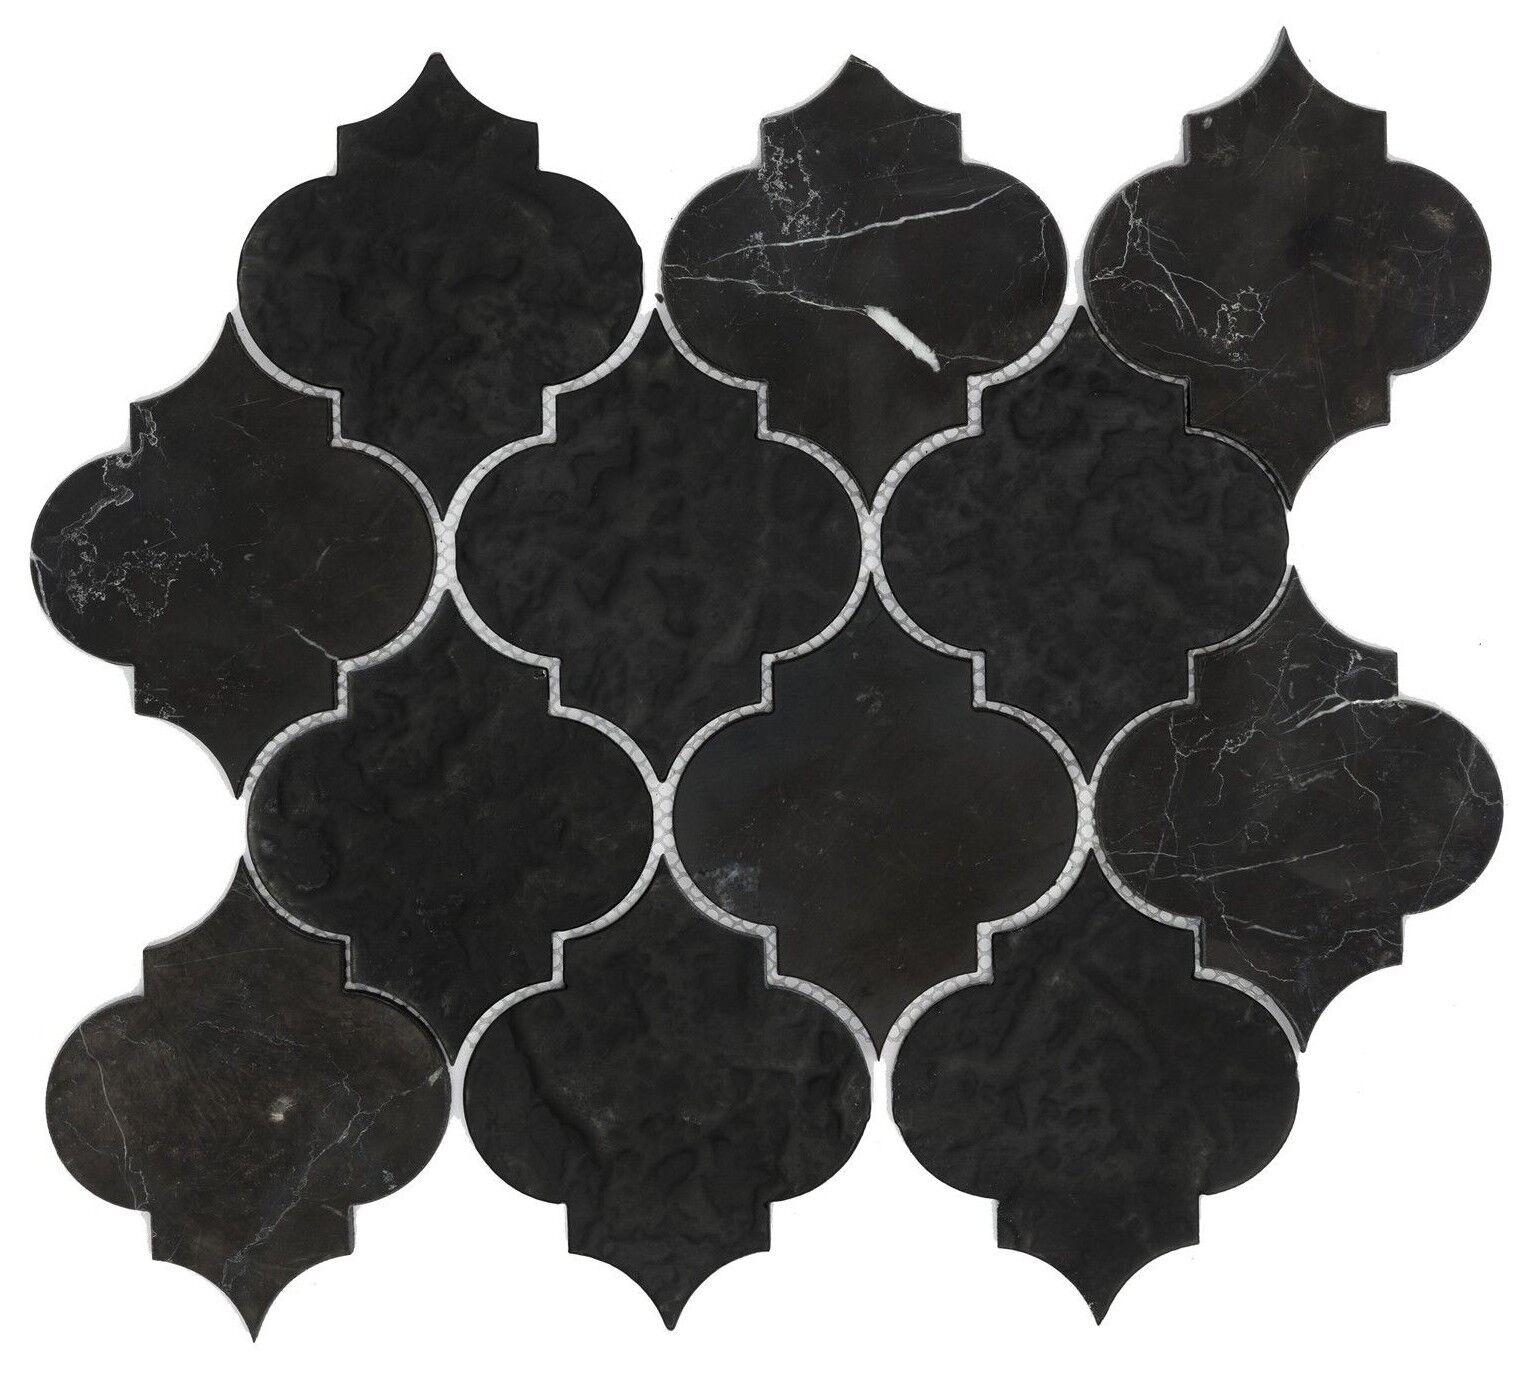 Decor8 ARABESQUE DOS schwarz MARBLE MOSAIC TILE 278x308x8mm Matt, Honed & Texturot